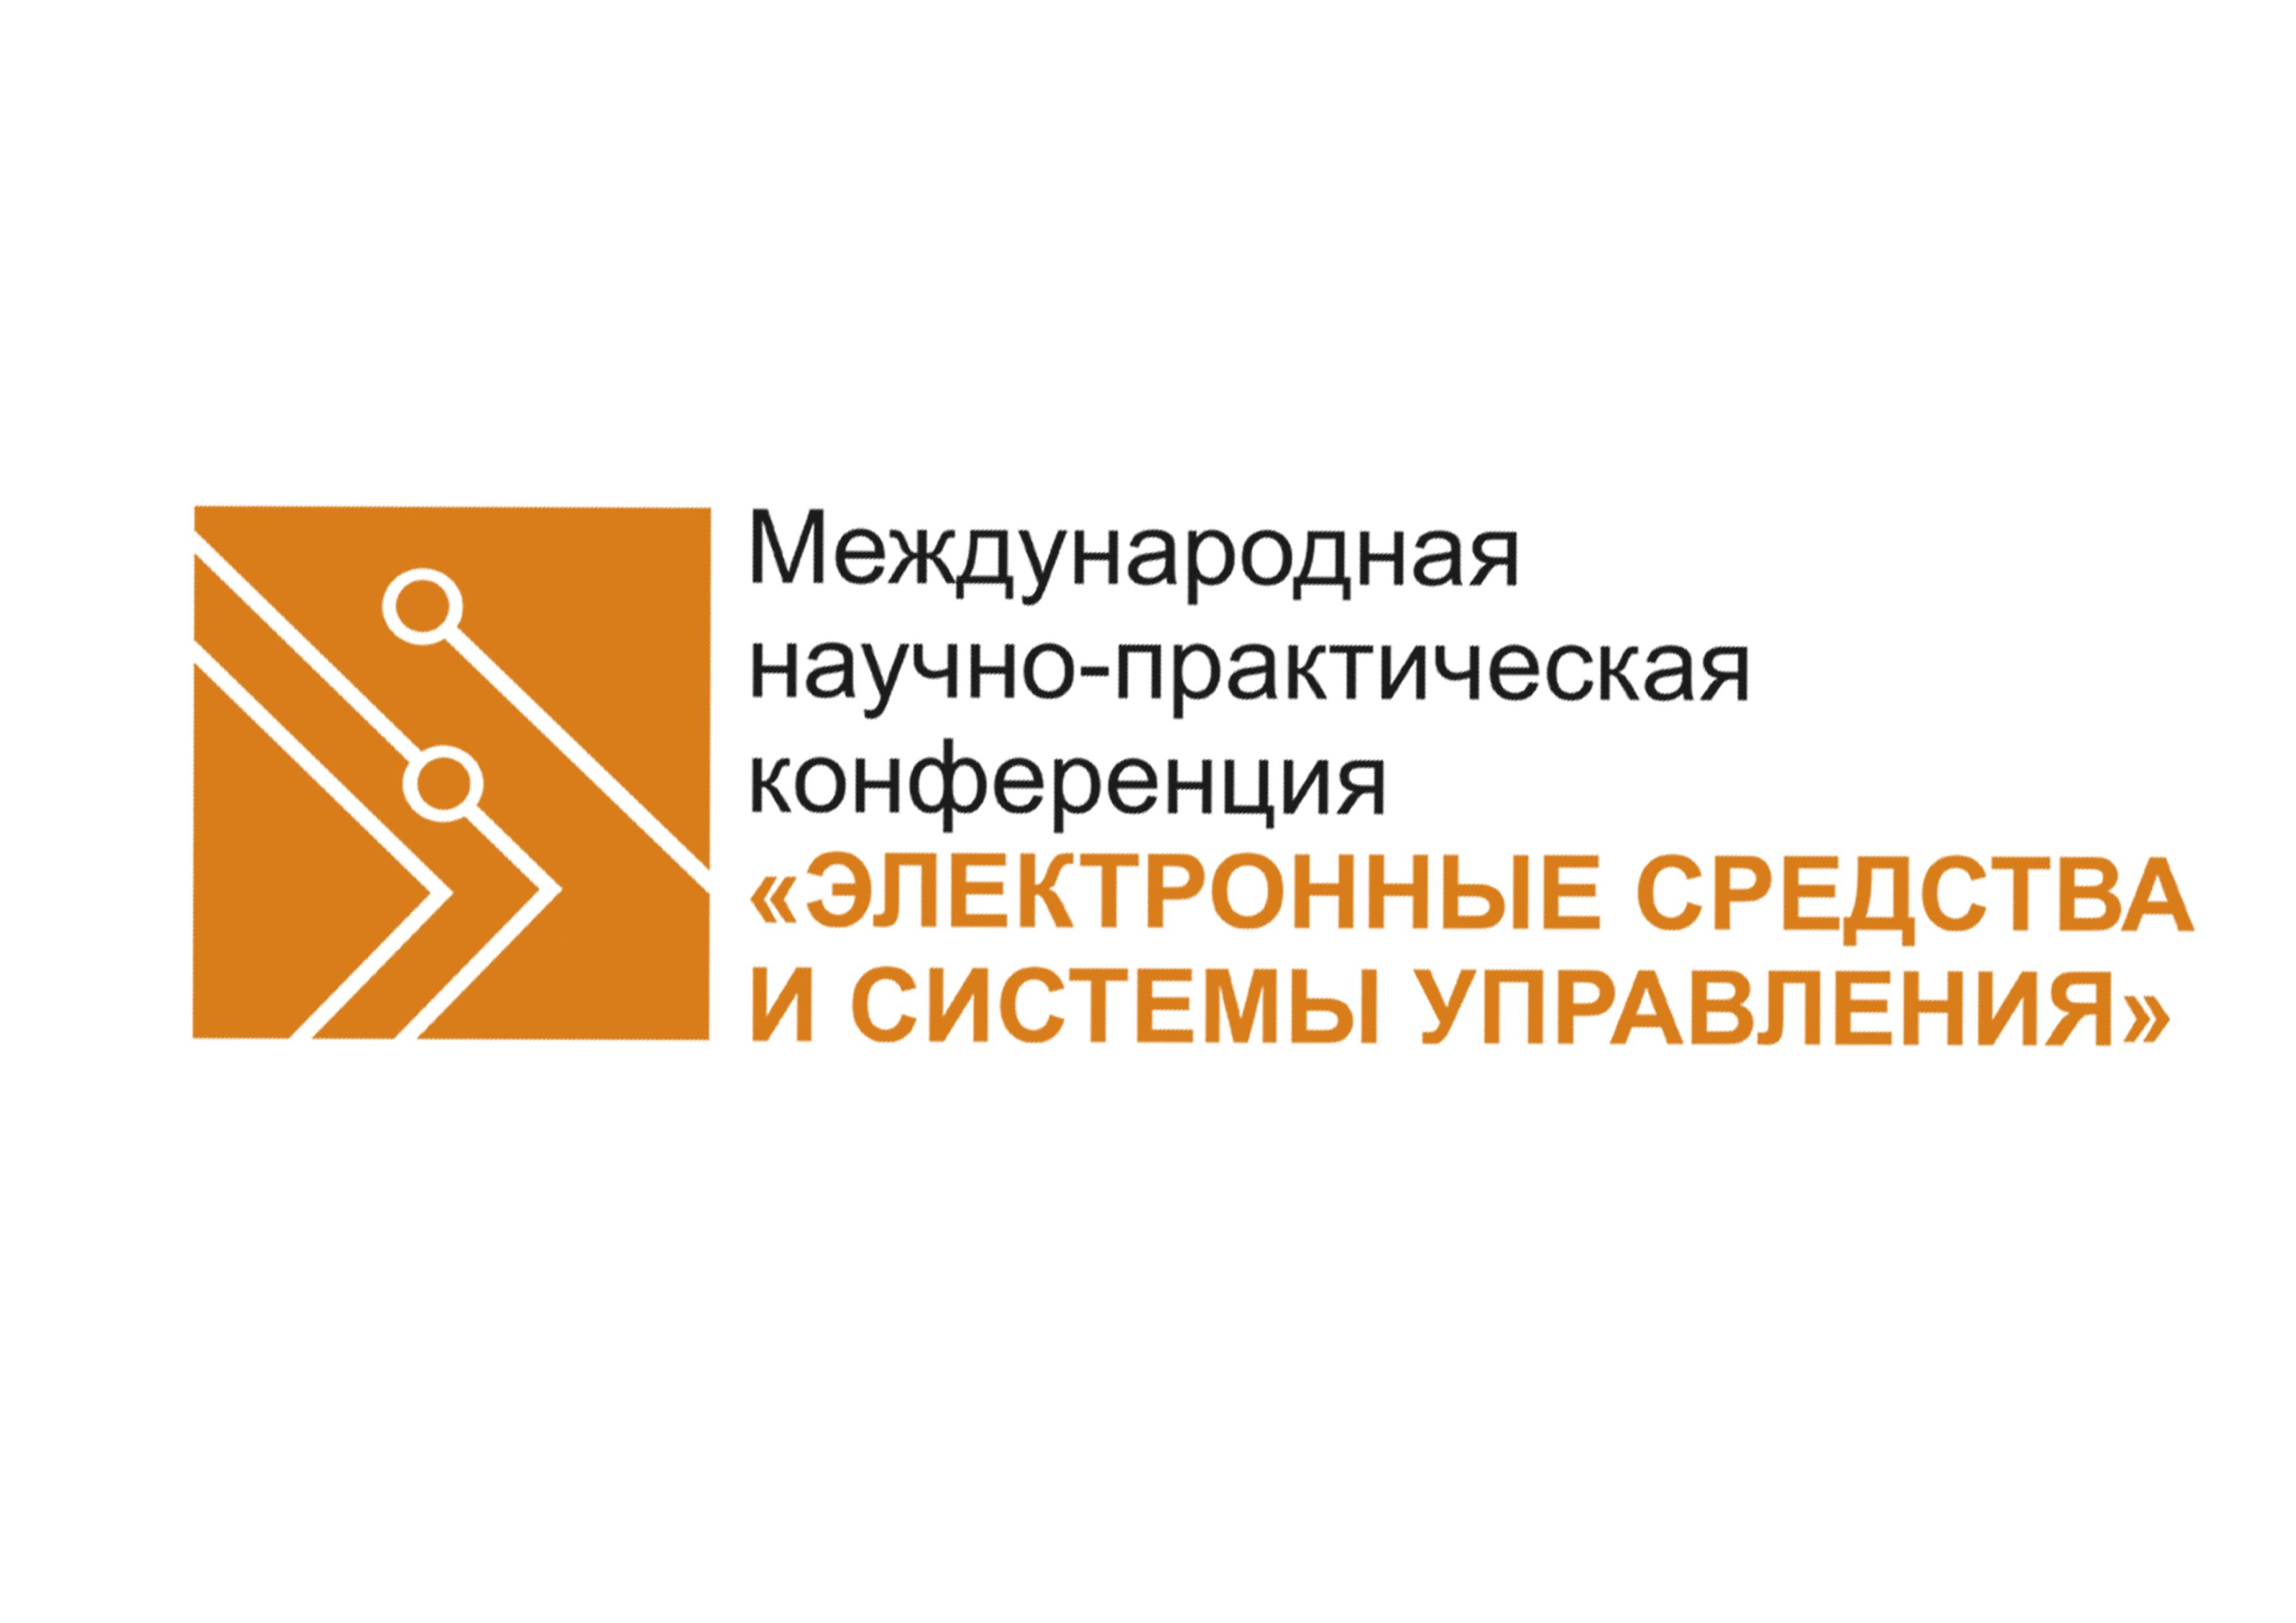 Открыт приём докладов наXI Международную научно-практическую конференцию «Электронные средства исистемы управления»